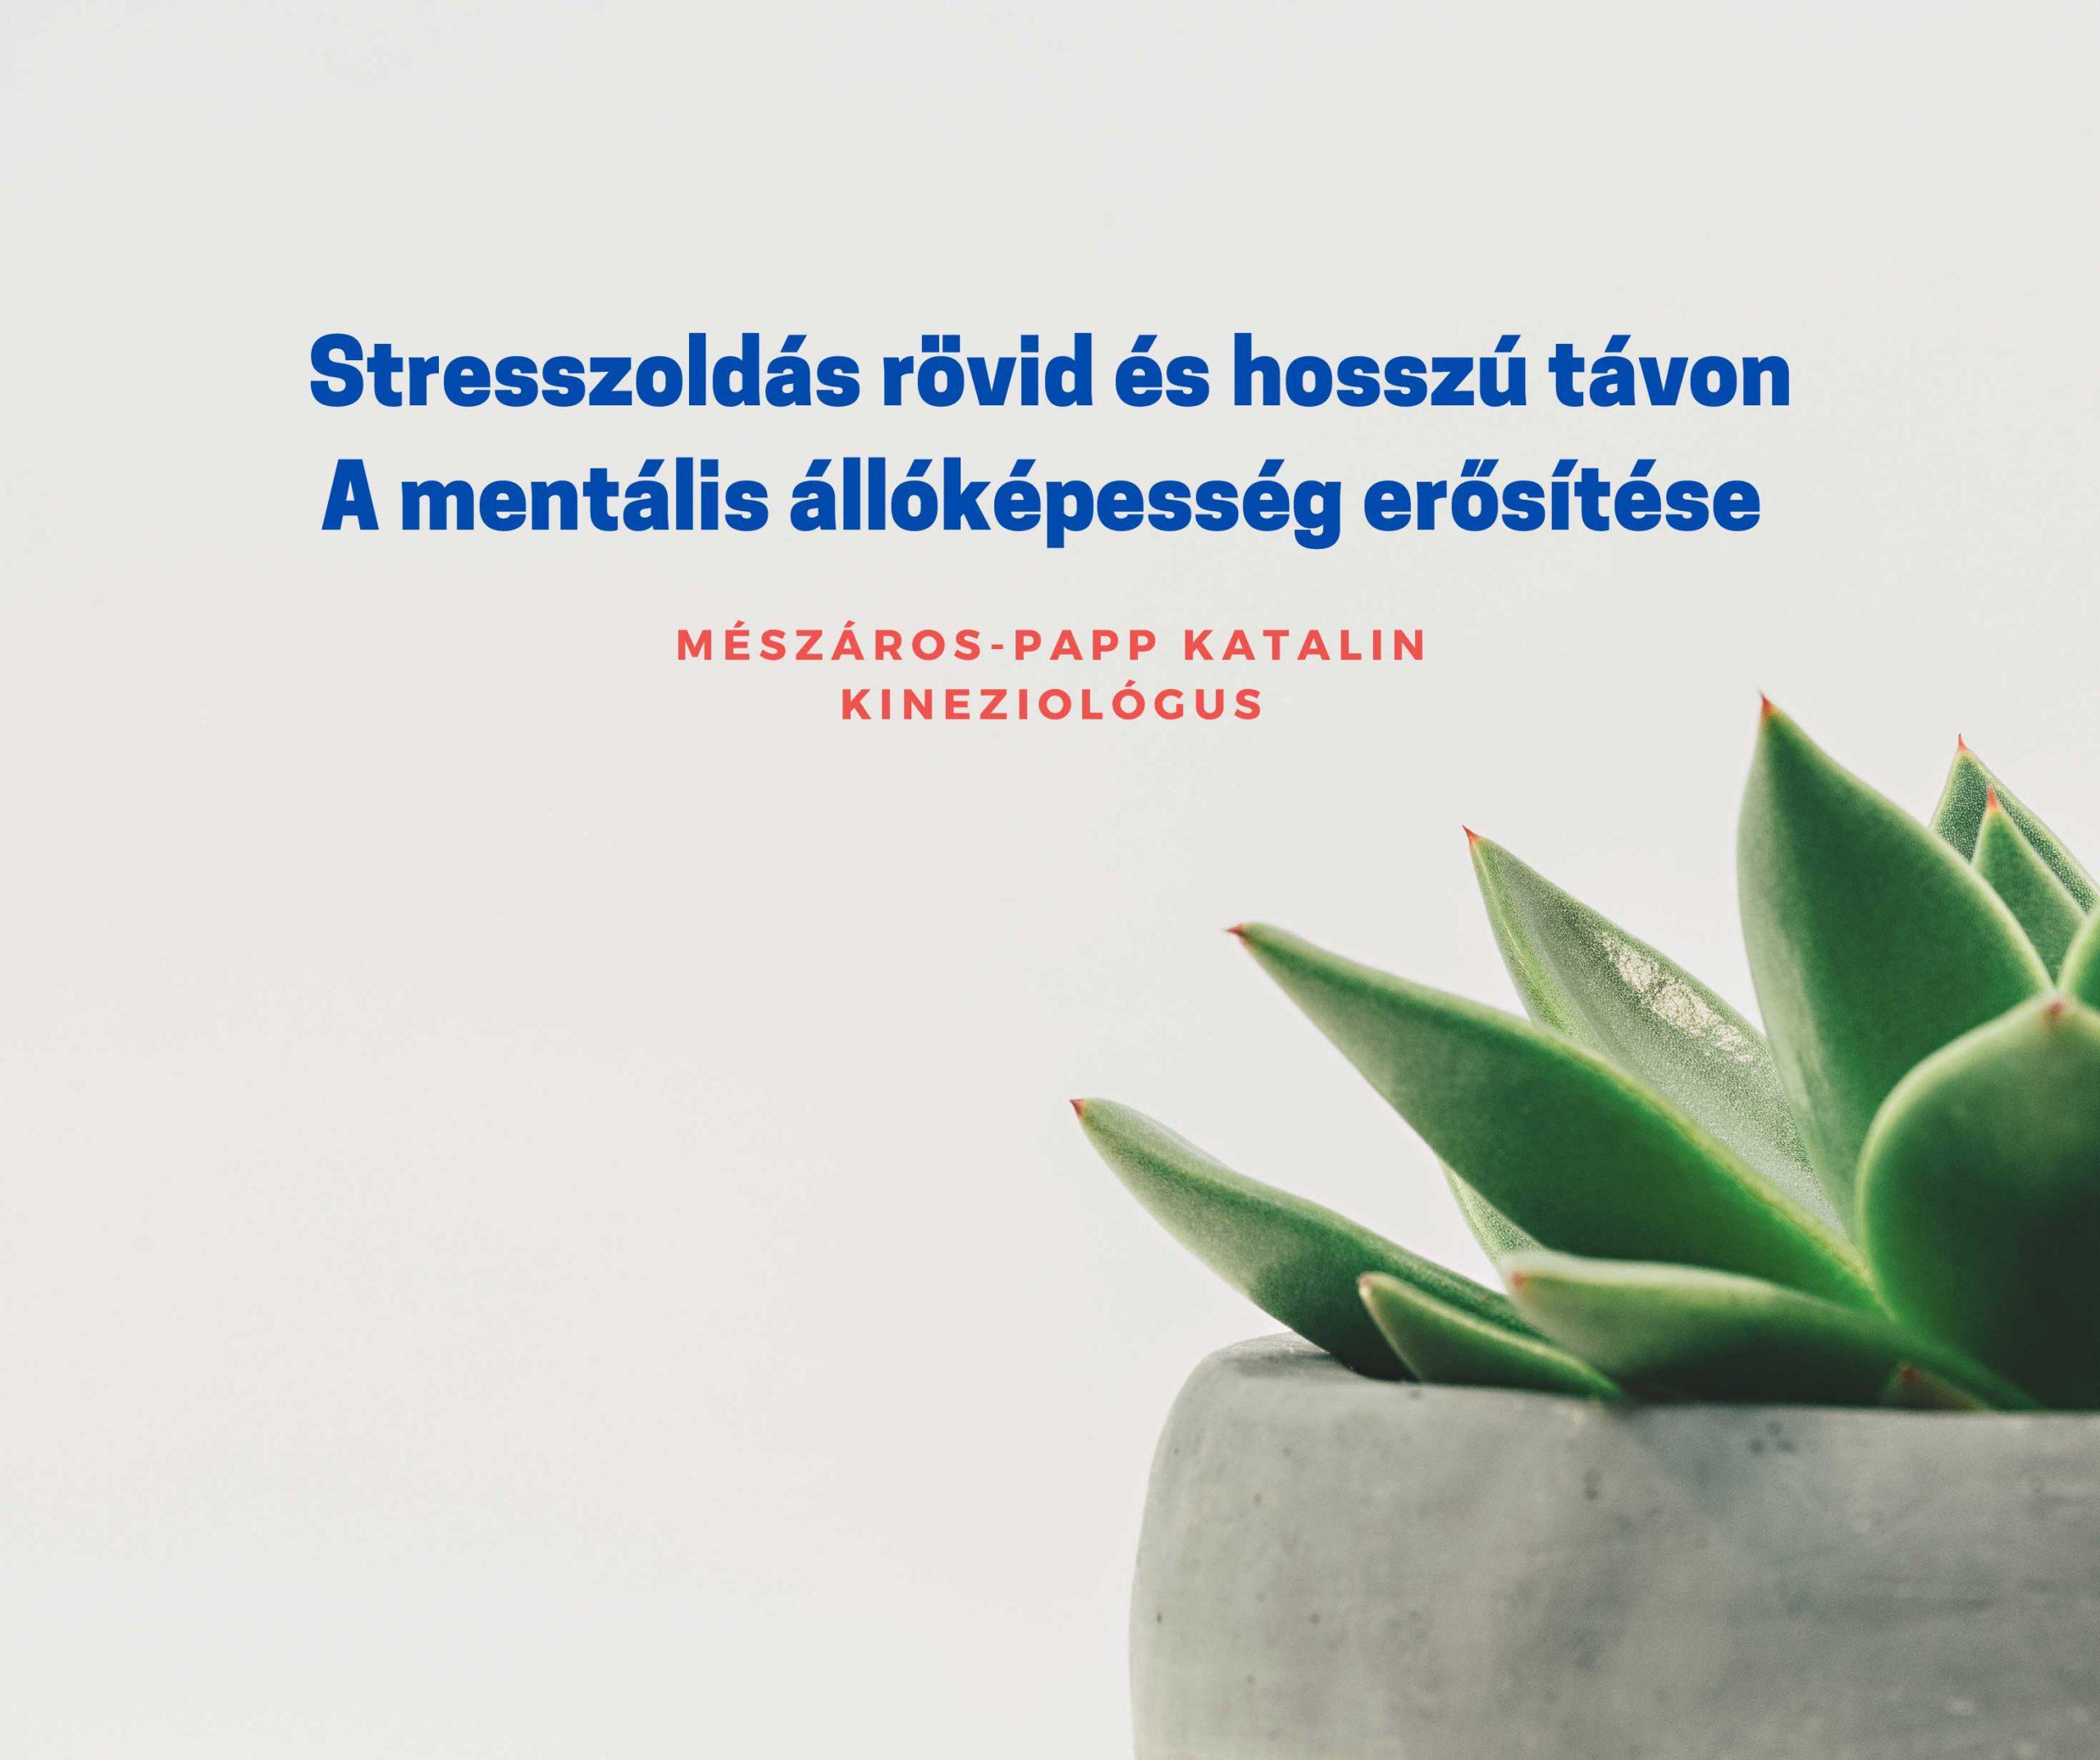 Kineziológia Vác - Stresszoldás rövid és hosszú távon